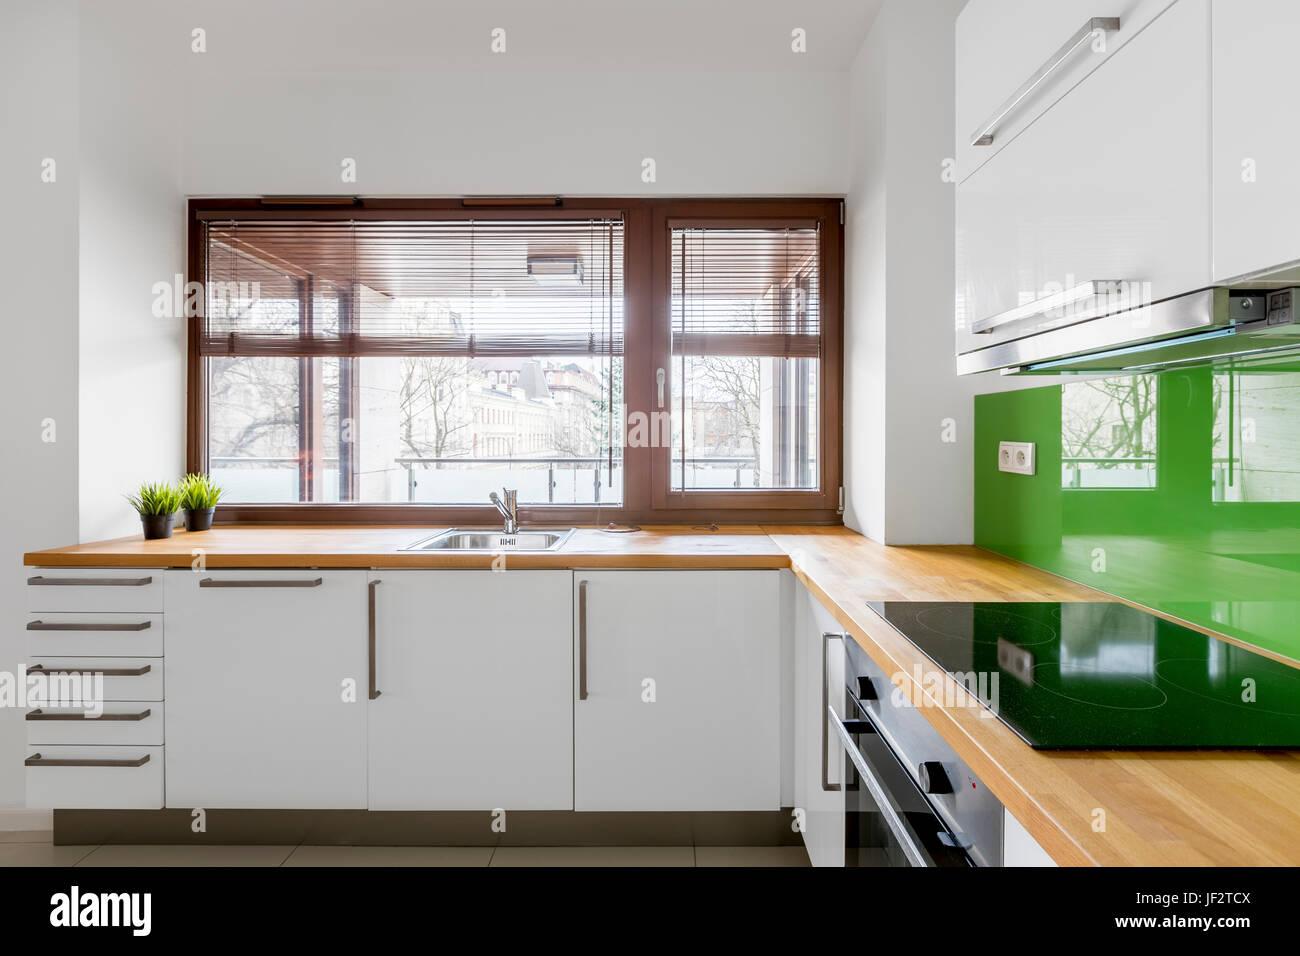 Weiße Küche Mit Modernen Schränke, Grüne Backsplash Und Fenster Stockbild